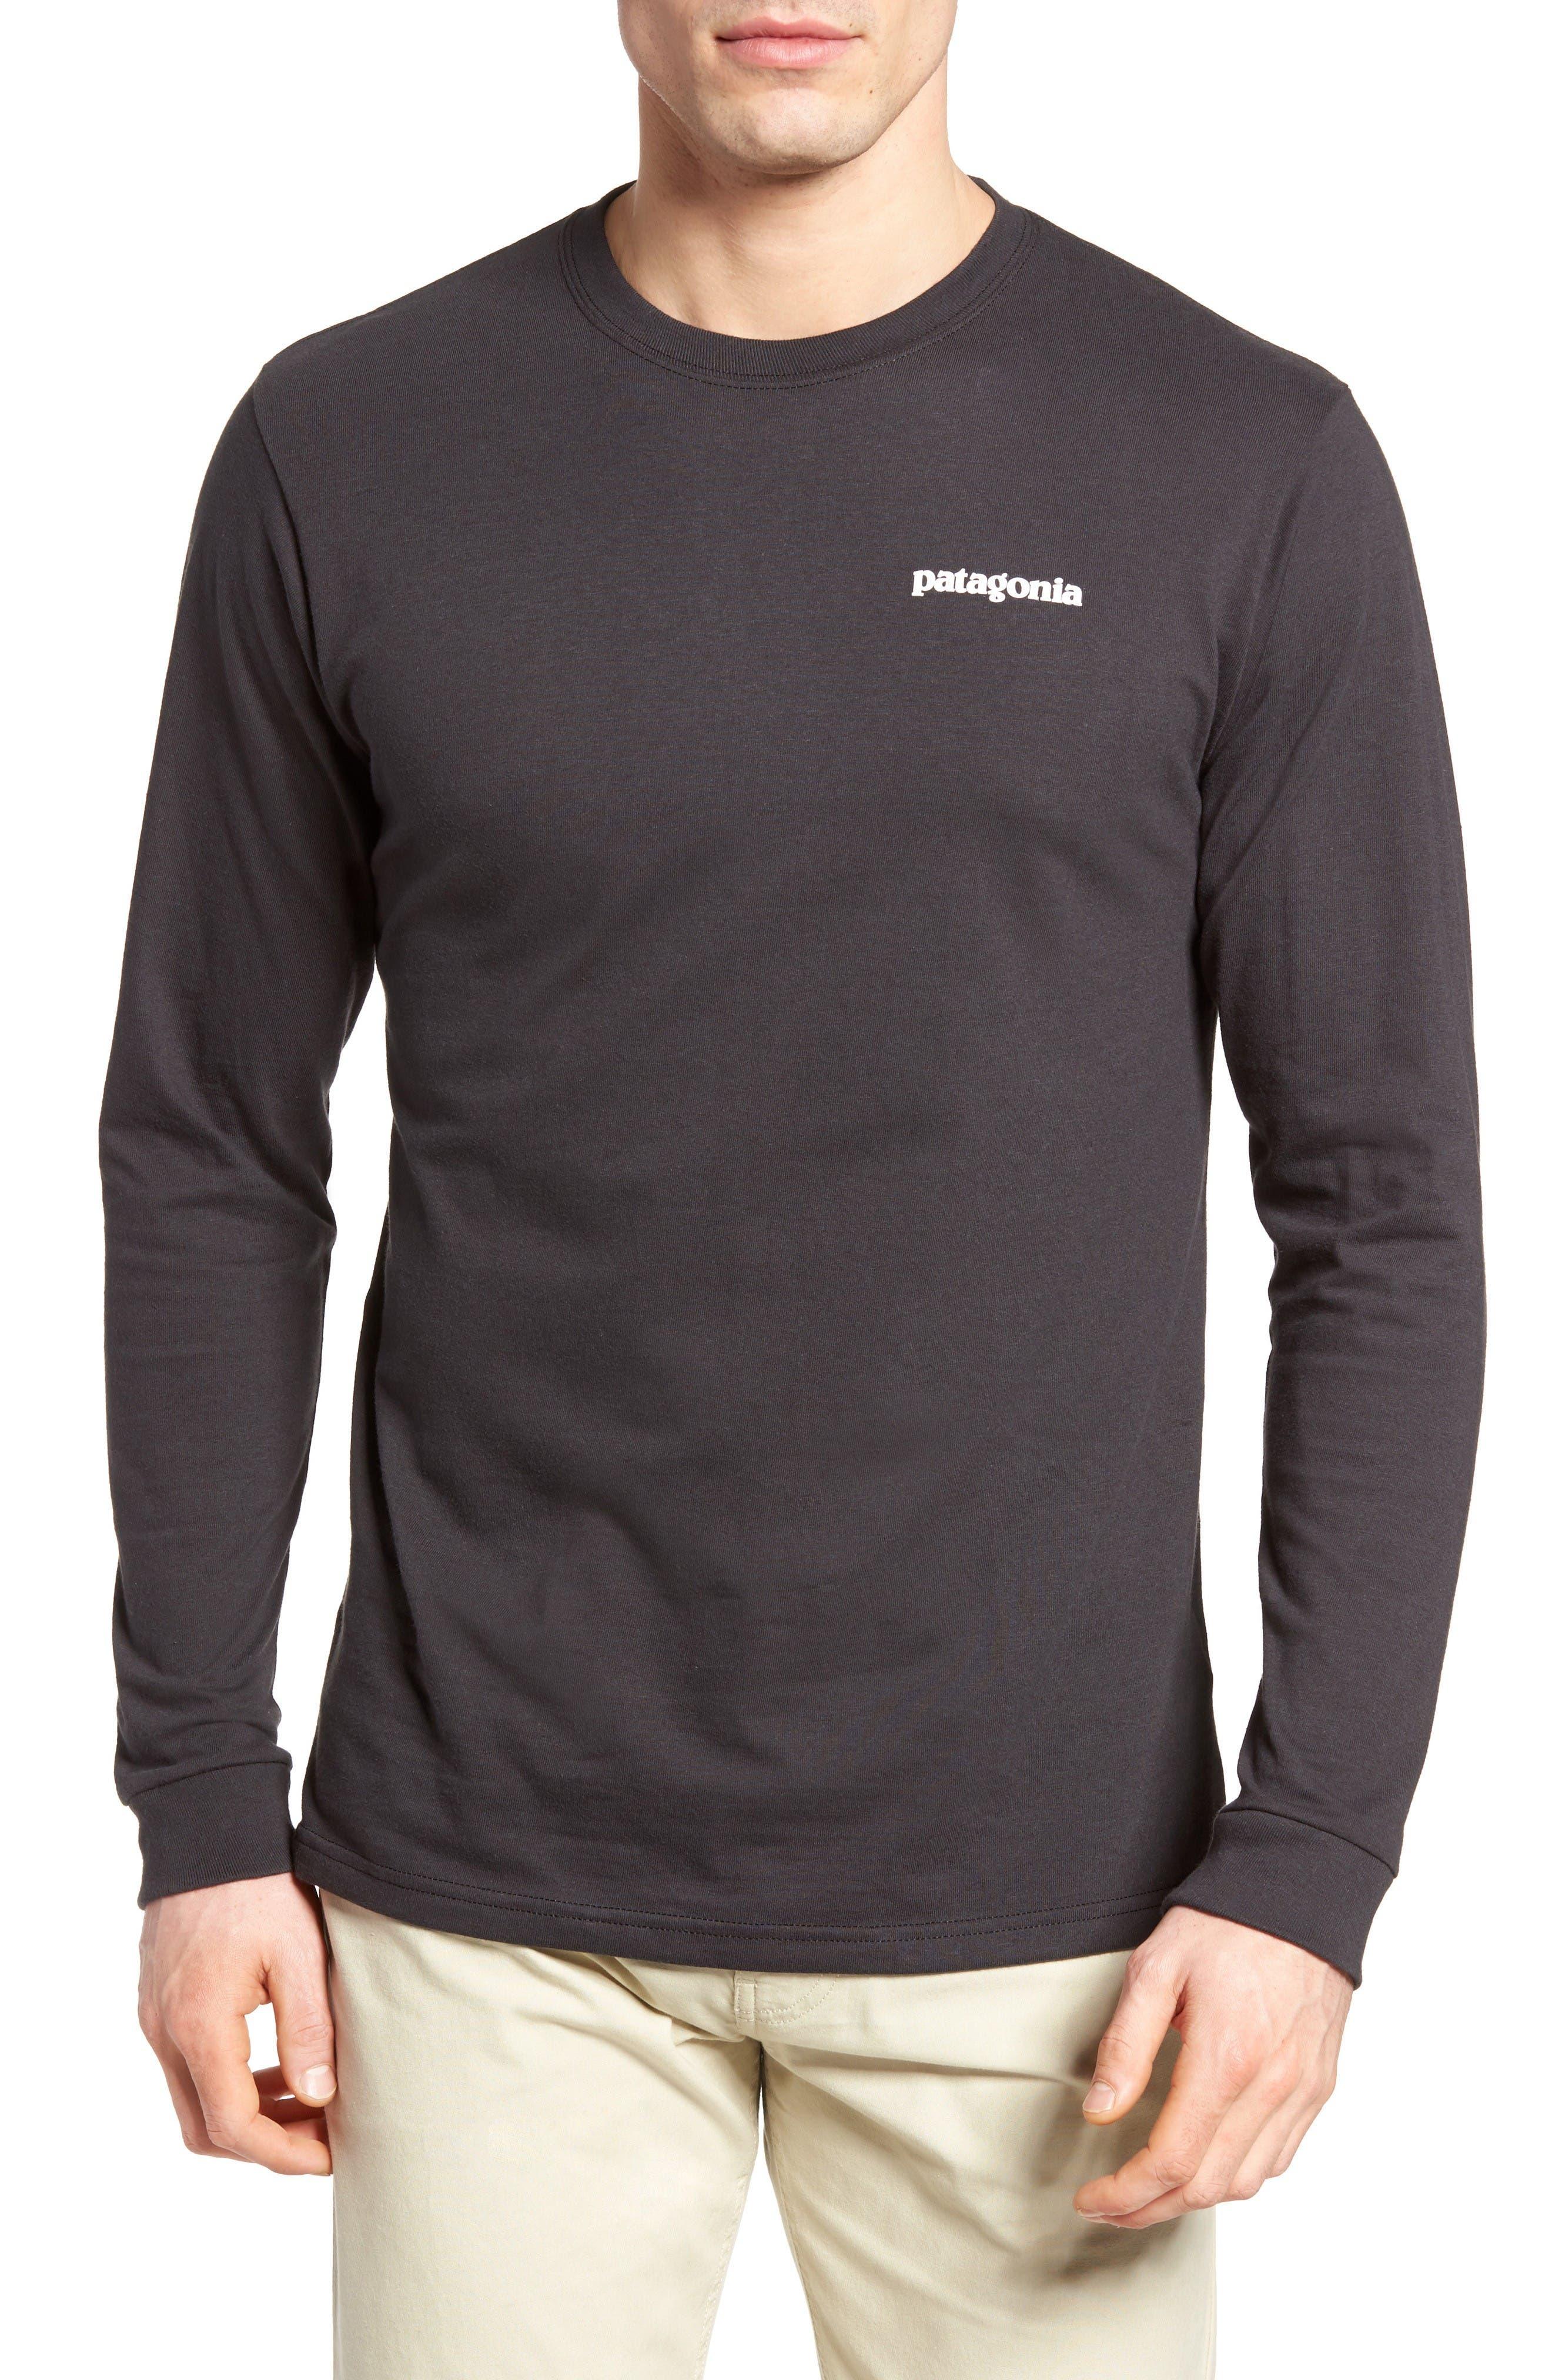 Main Image - Patagonia P-6 Logo Organic Cotton T-Shirt